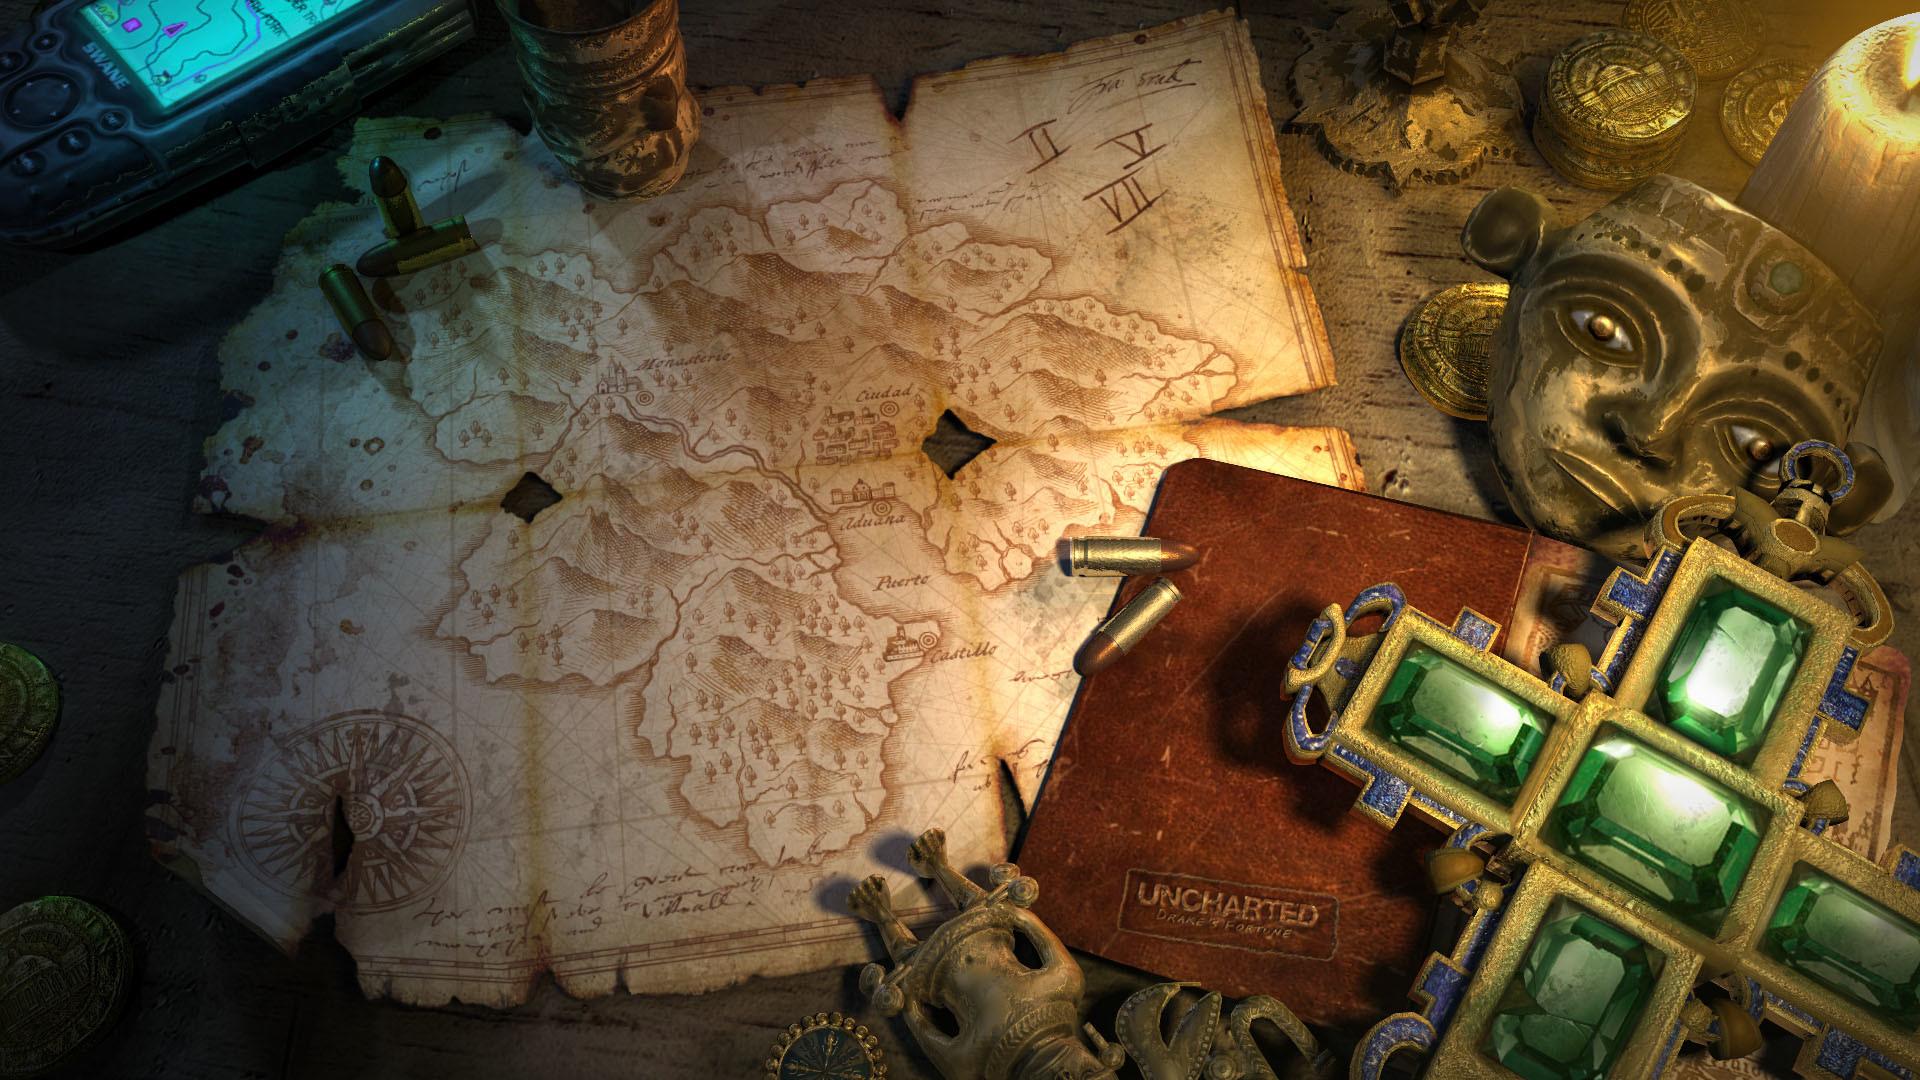 Maps Uncharted Nathan Drake treasure Playstation 3 wallpaper .